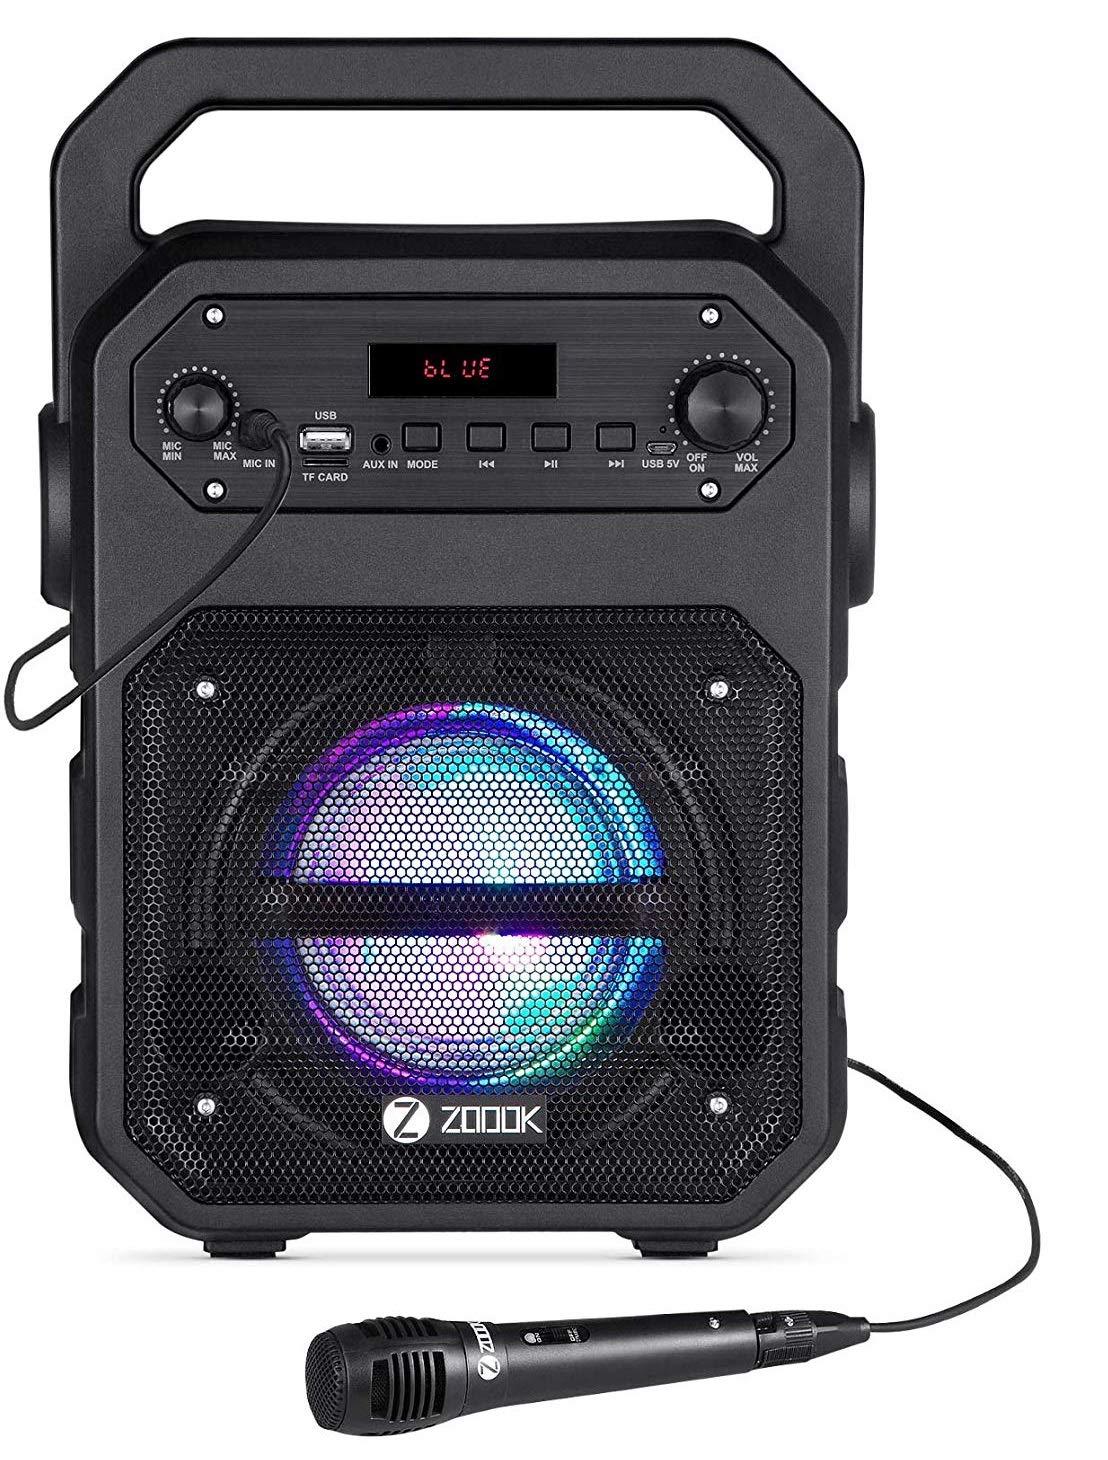 Zoook Rocker 20 watts Thunder Karaoke